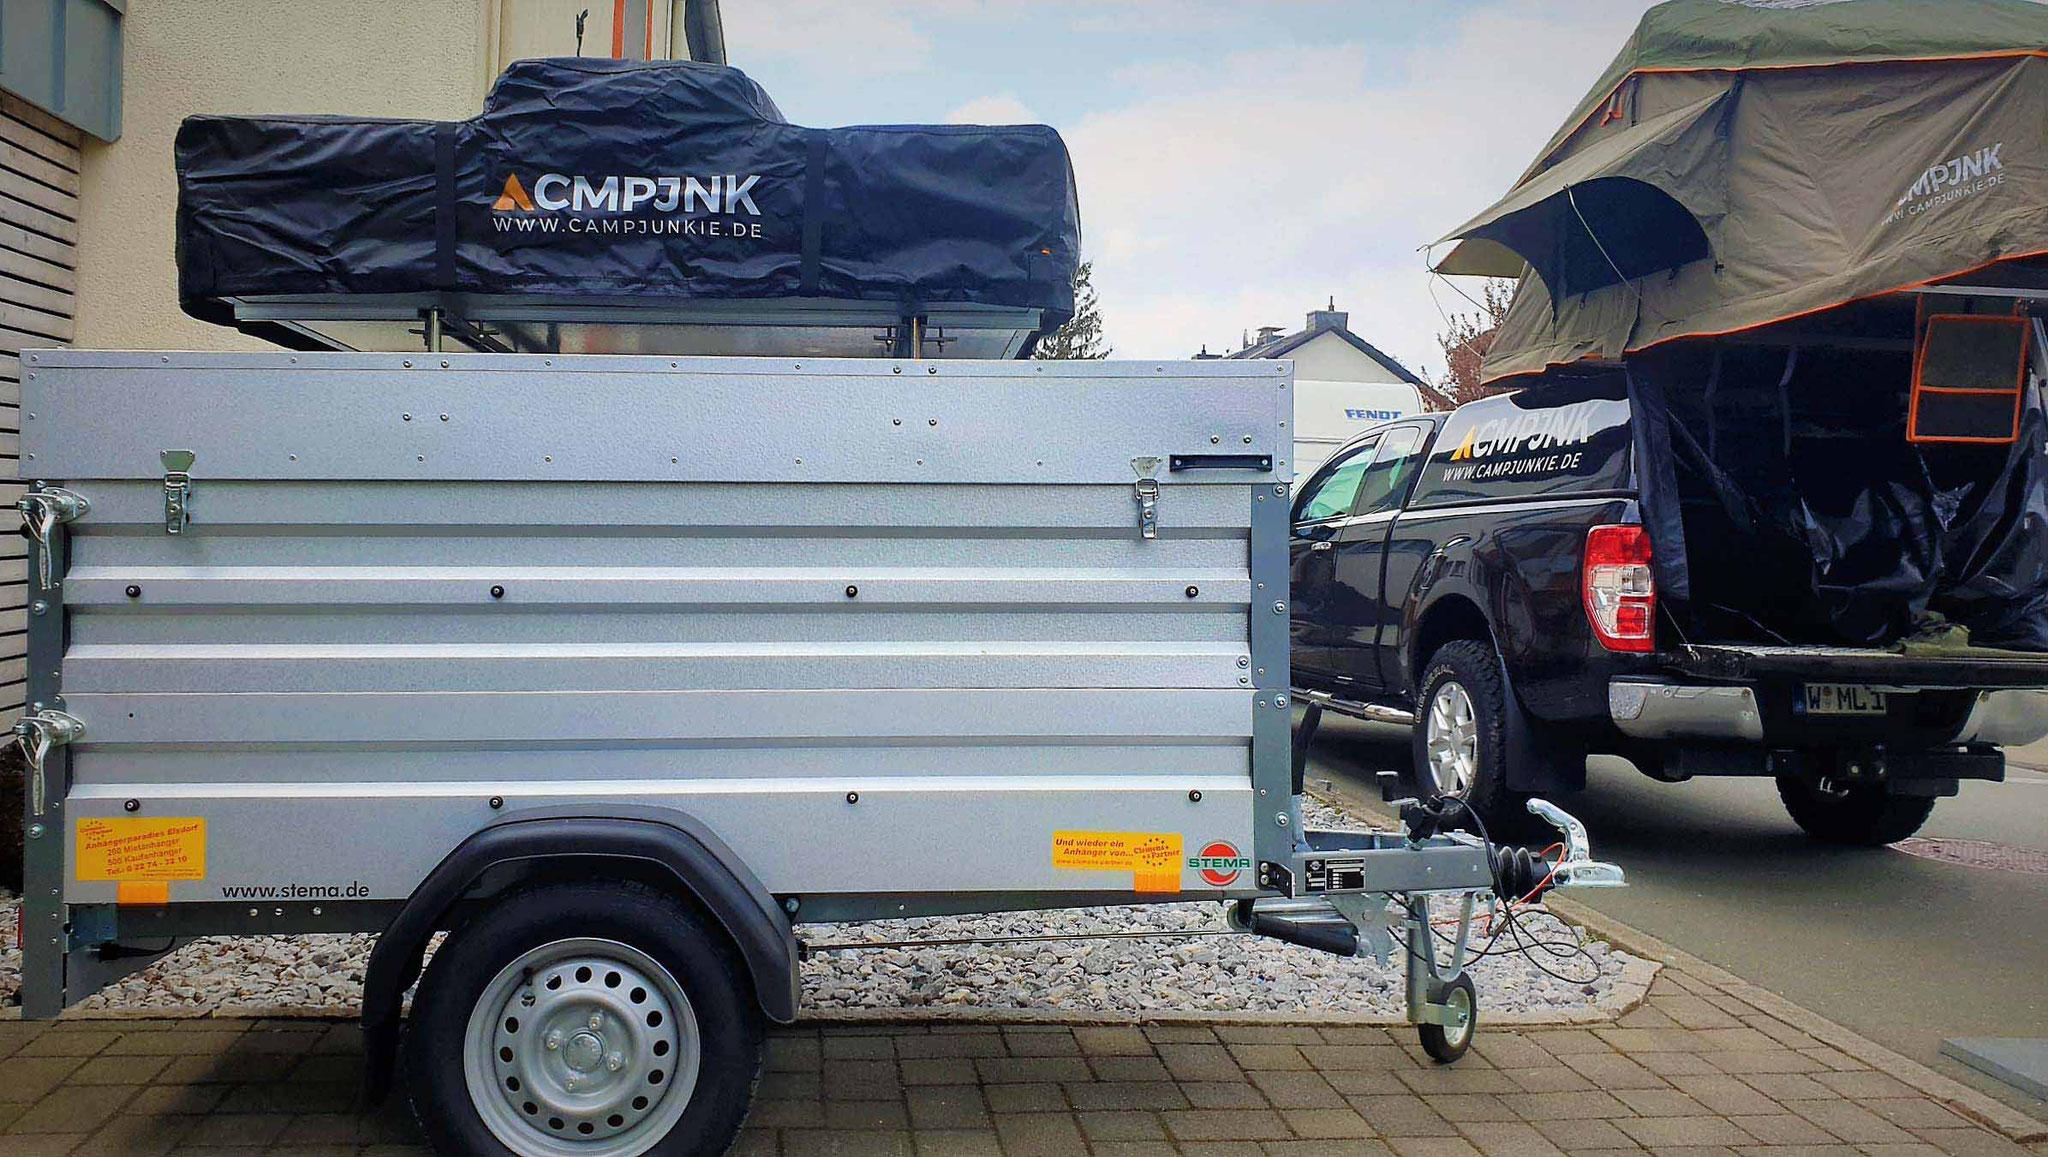 CMPJNK Dachzelt auf Anhänger montiert